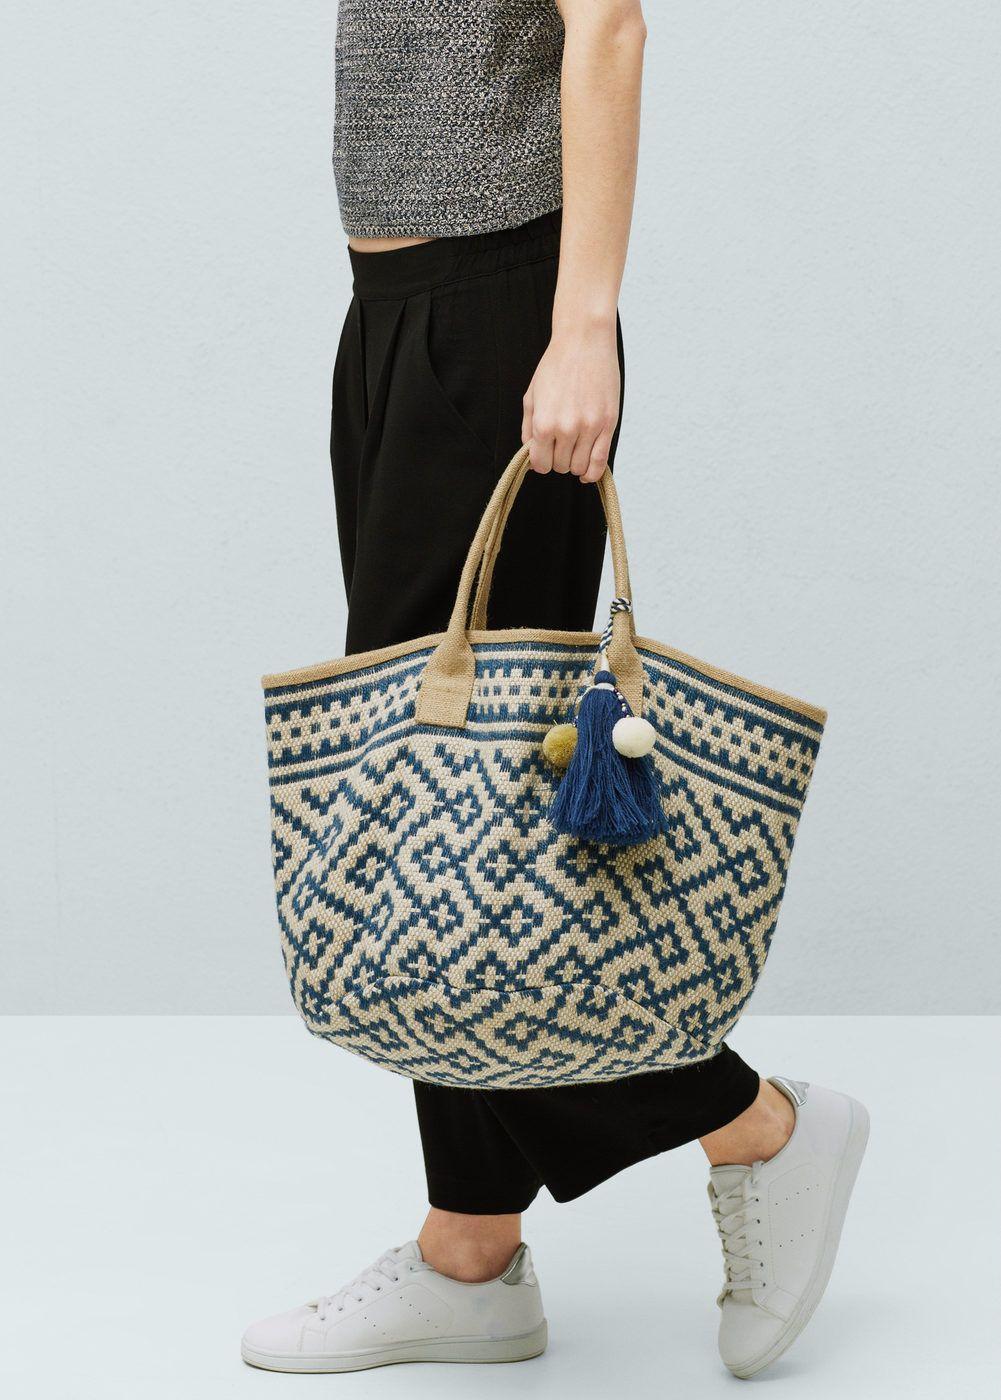 cb3756c67 Jacquard jute bag - Bags for Women | MANGO USA Saias De Tecido, Bolsas De